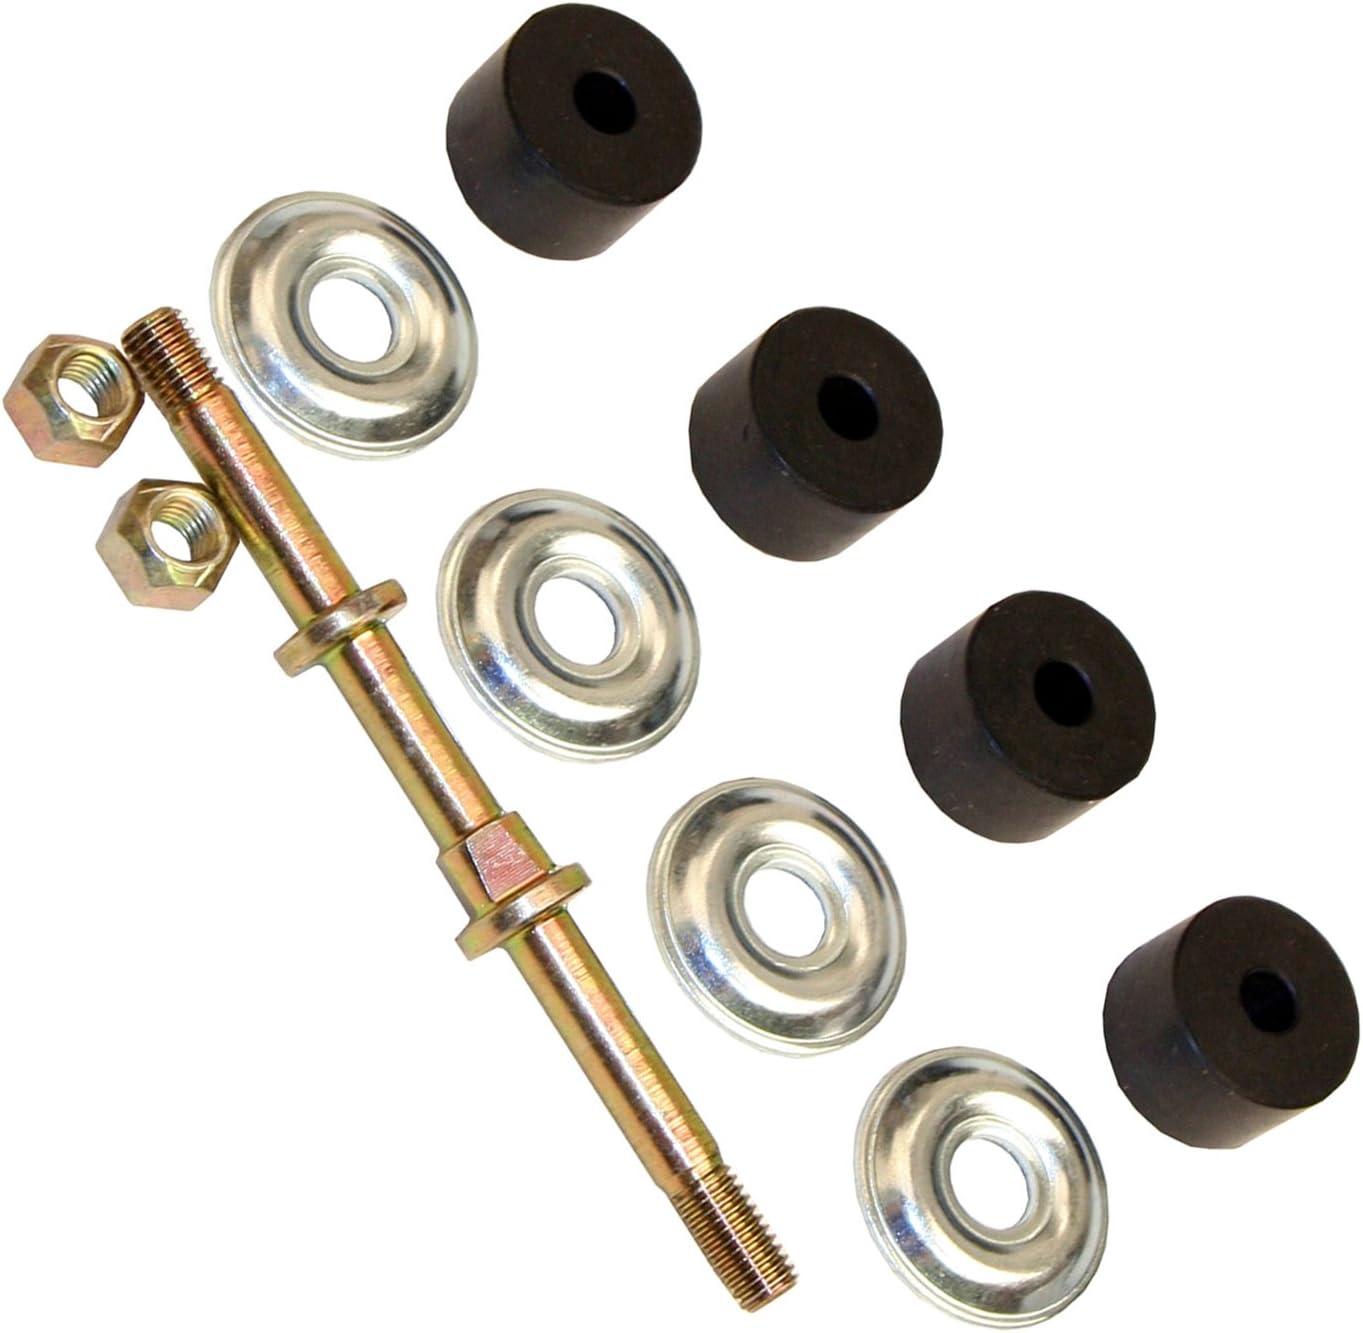 Suspension Stabilizer Bar Link Rear Beck//Arnley 101-5500